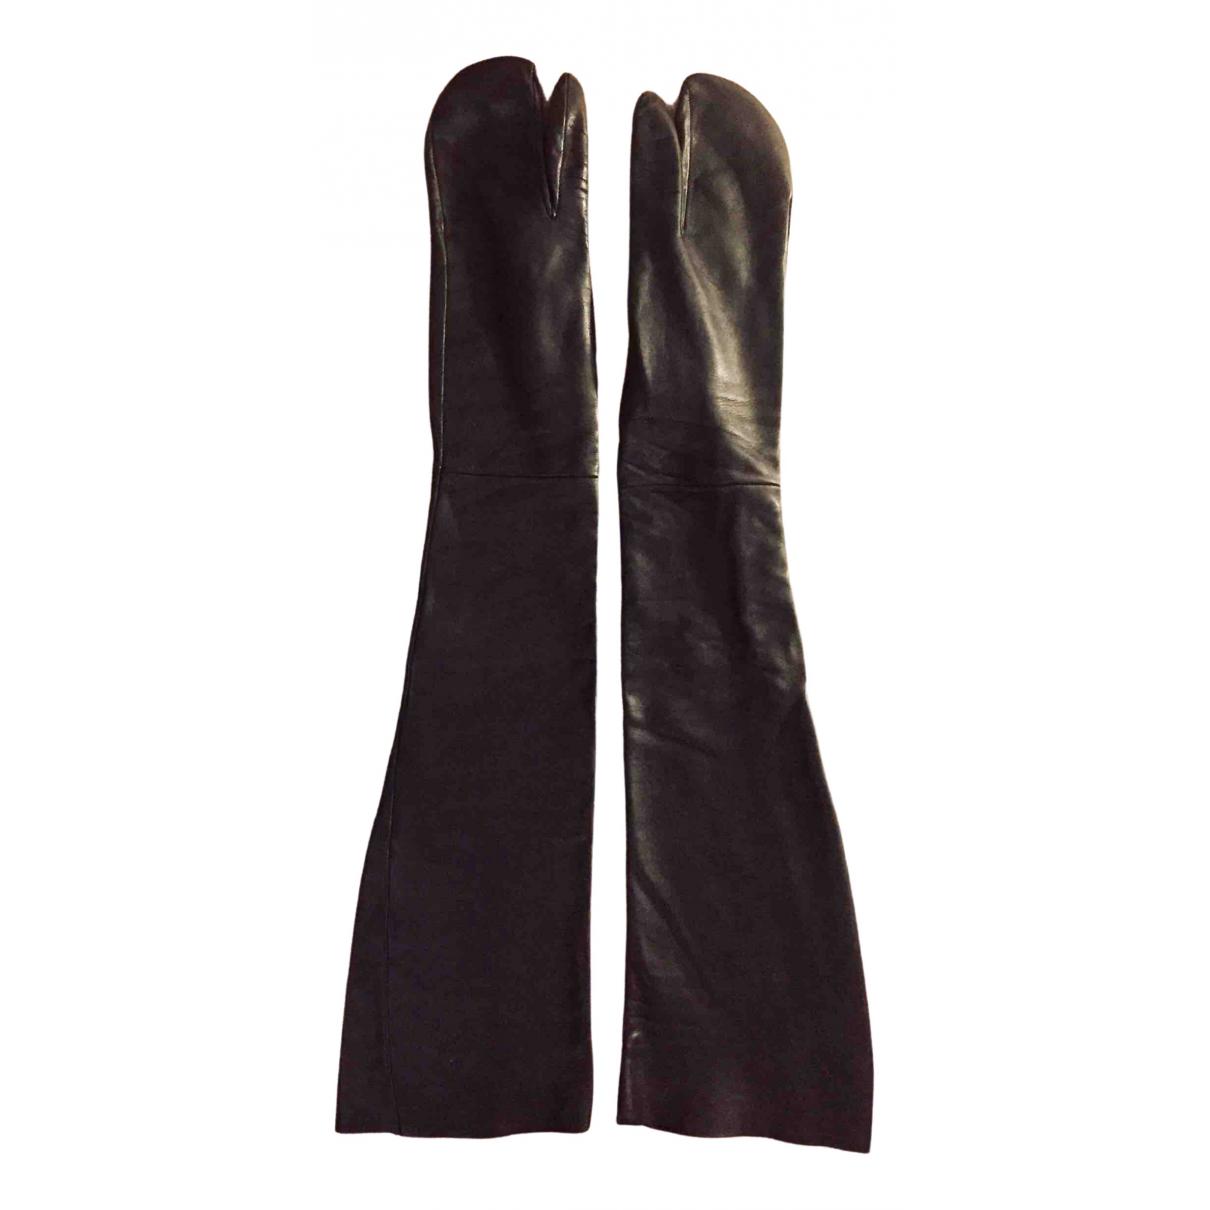 Maison Martin Margiela - Gants   pour femme en cuir - noir